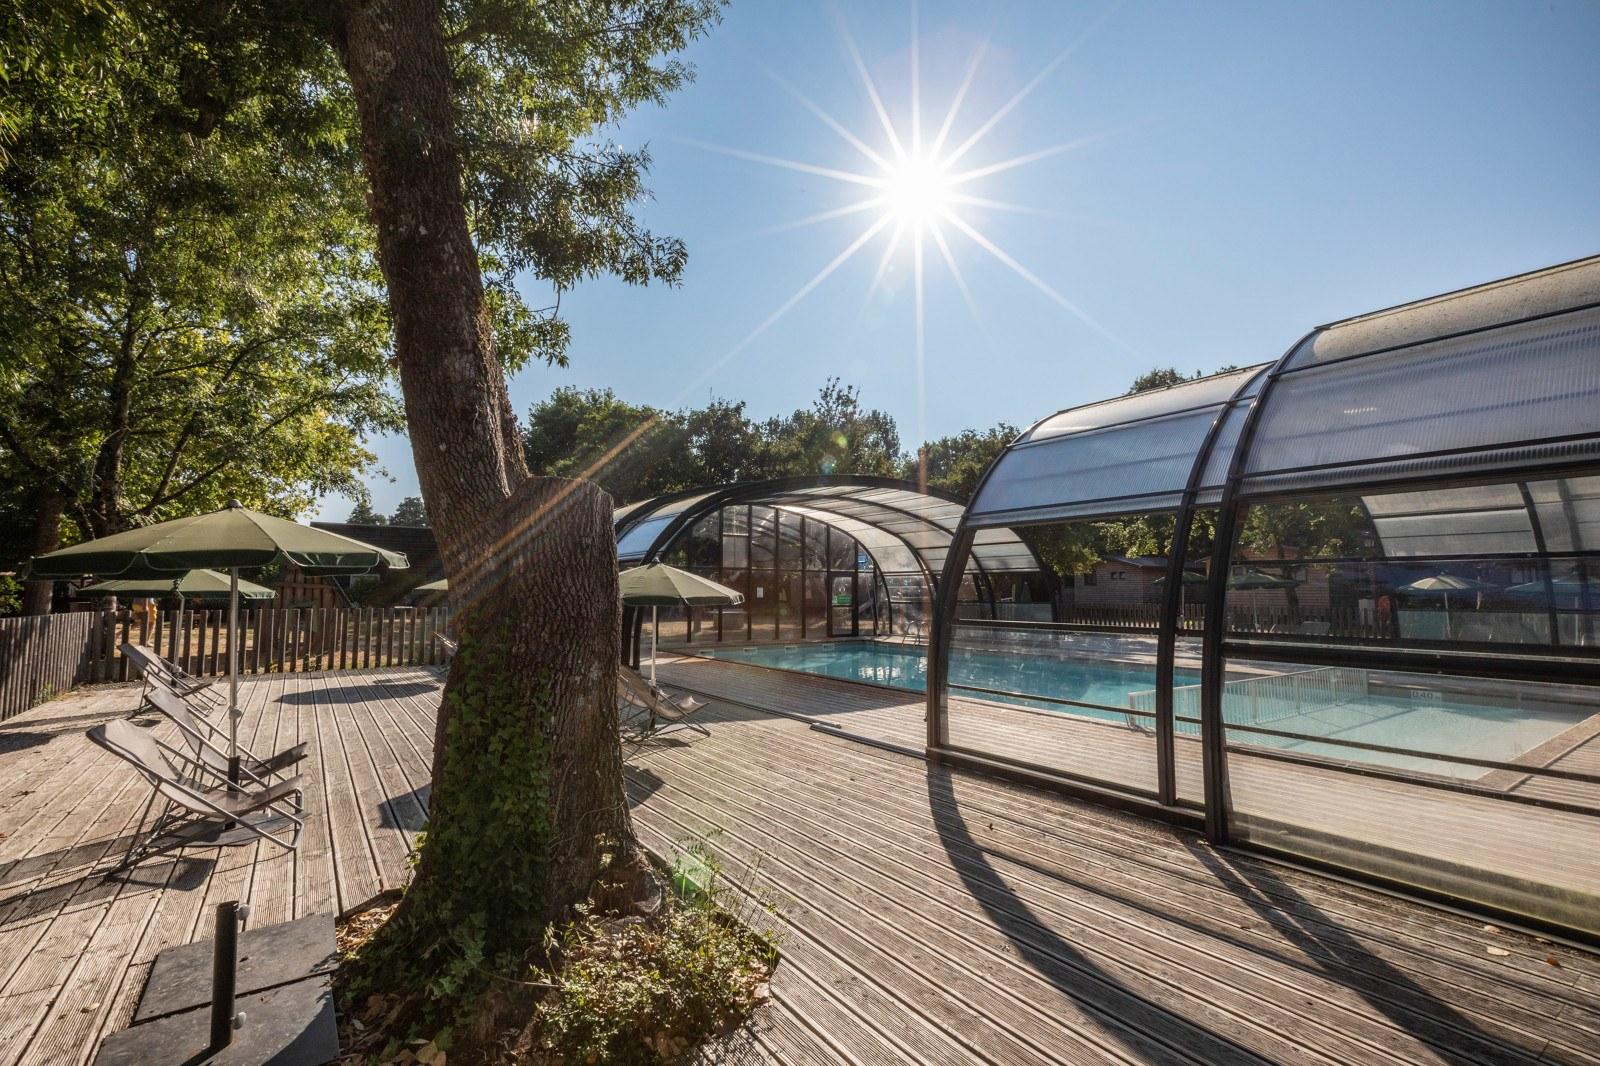 Frankrijk-Bracieux-Huttopia%20Les%20Chateaux-ExtraLarge Wintersport Frankrijk|Pagina 8 van 55